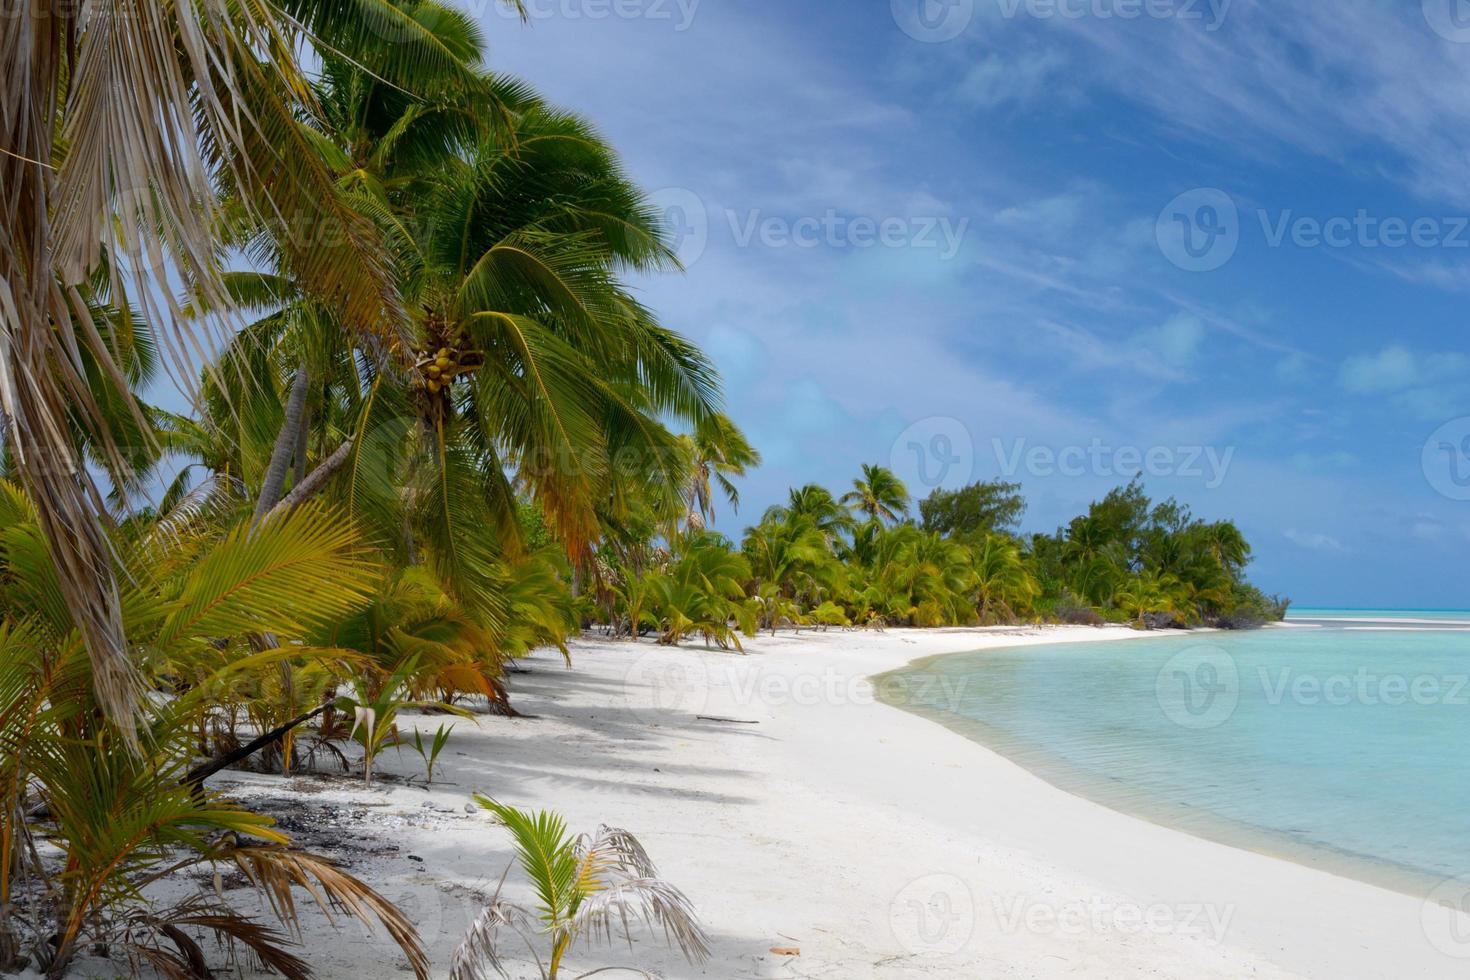 praia deserta em uma ilha remota foto